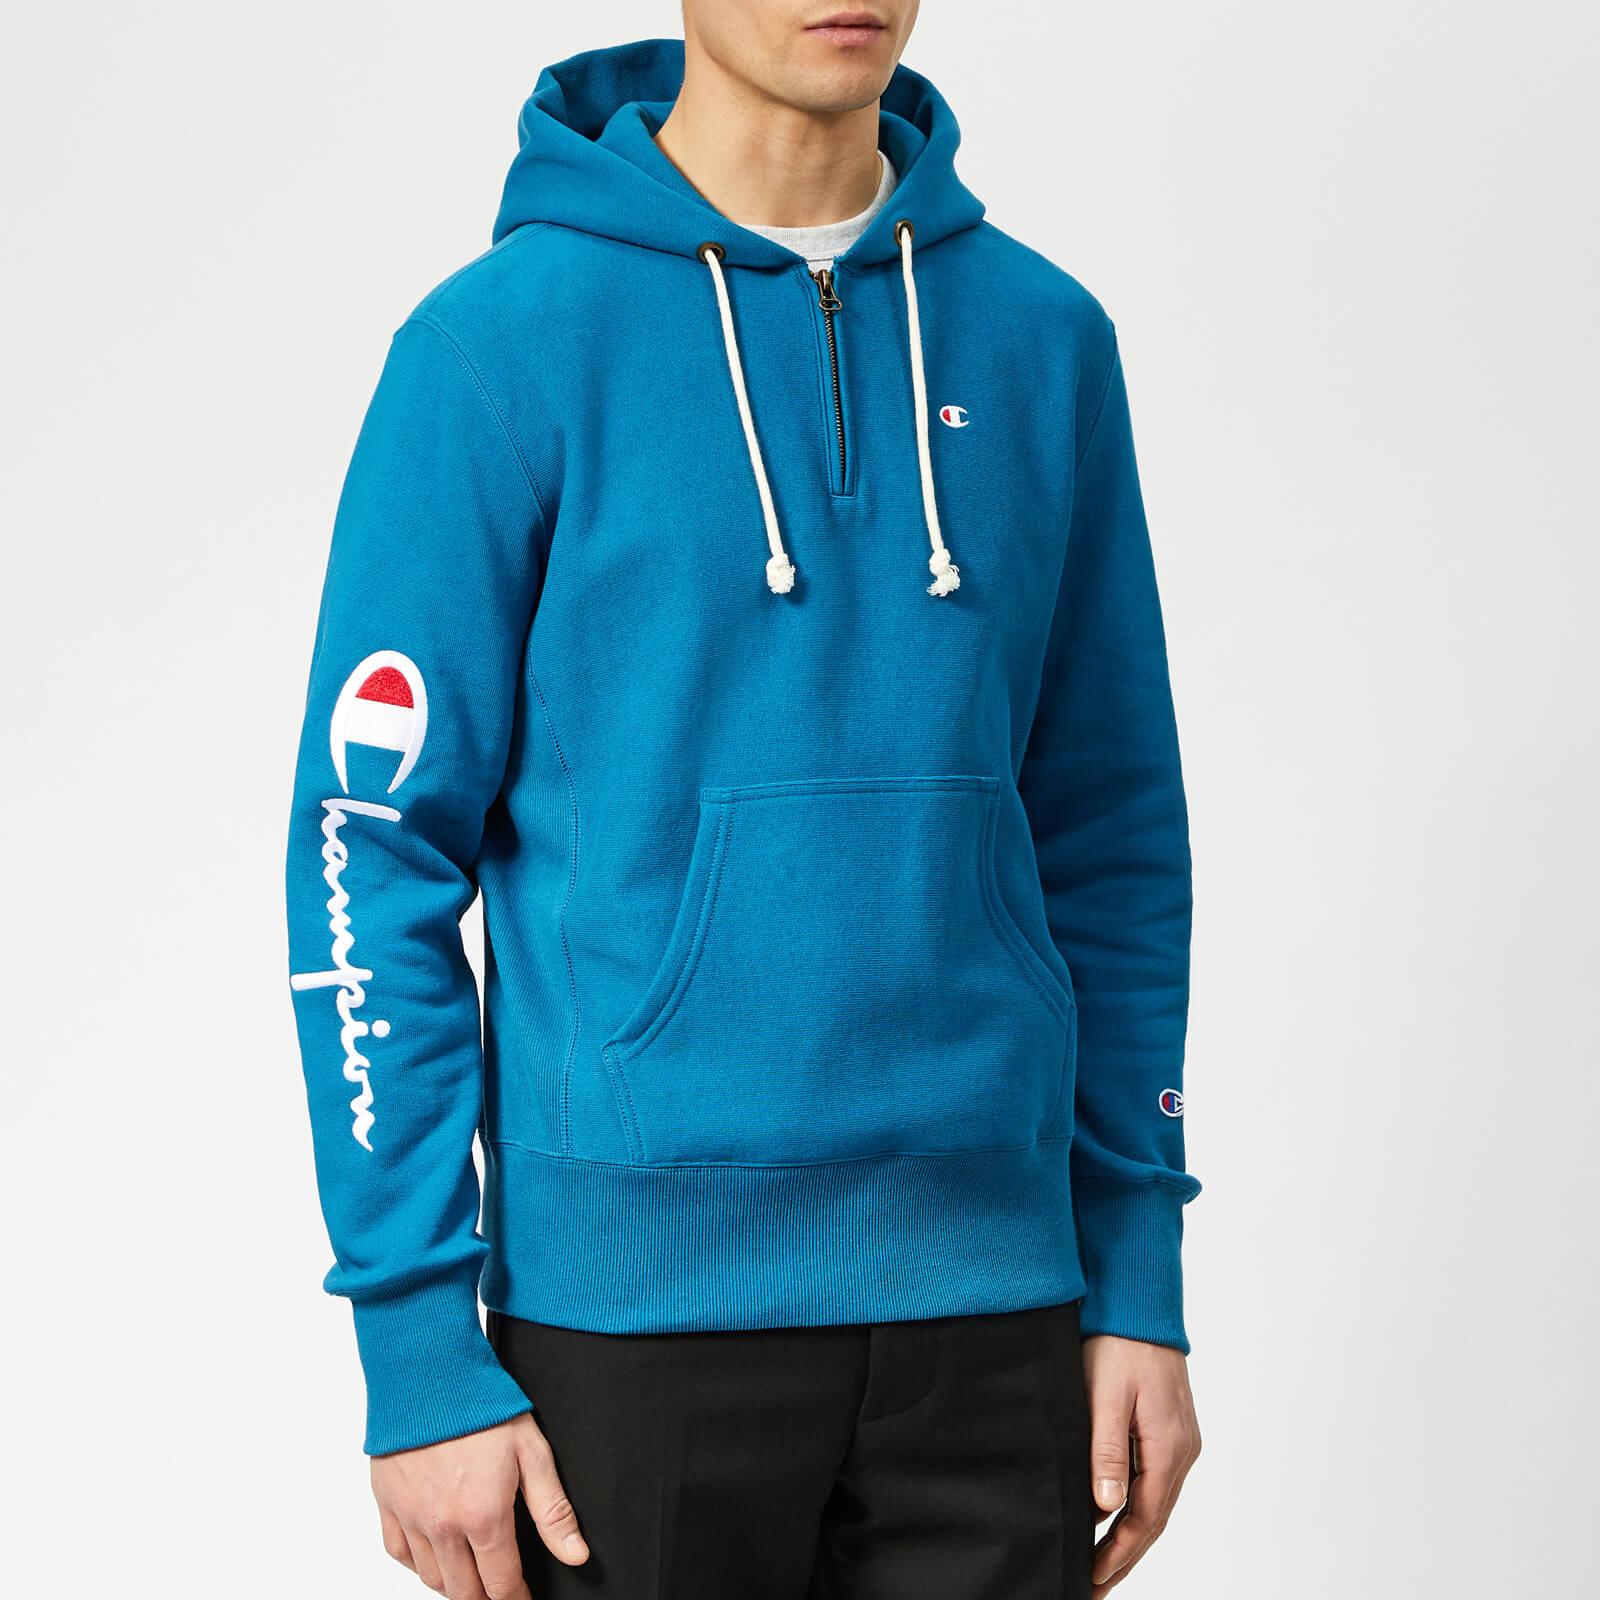 498da78f Champion Men's Half Zip Over Head Hoodie - Blue - Free UK Delivery over £50